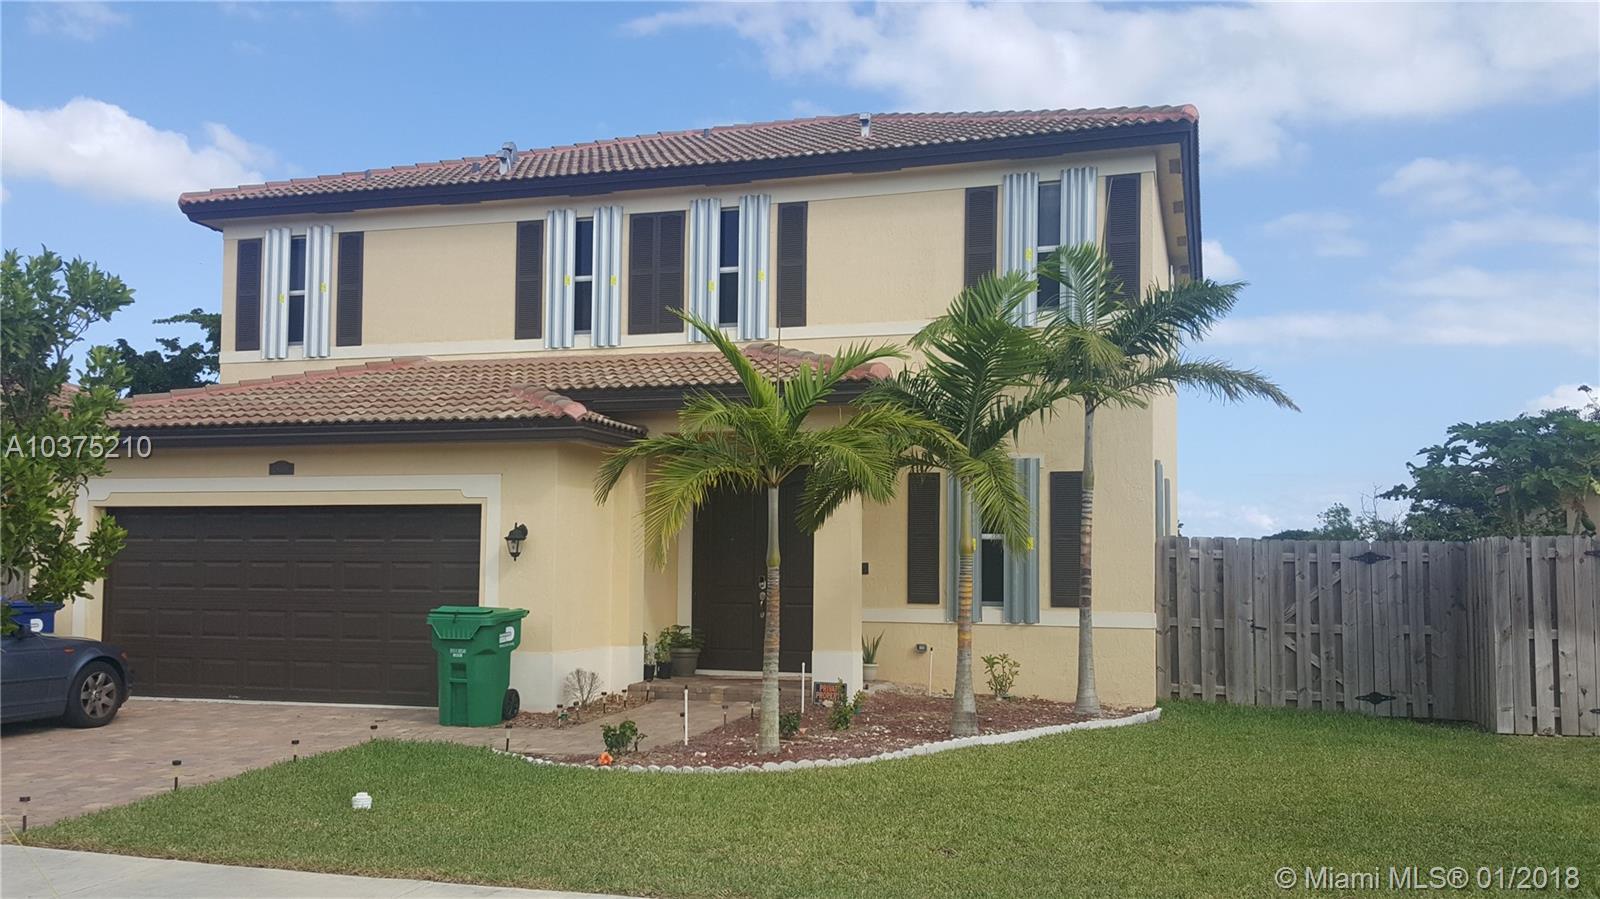 Vacation Rentals Properties In Homestead